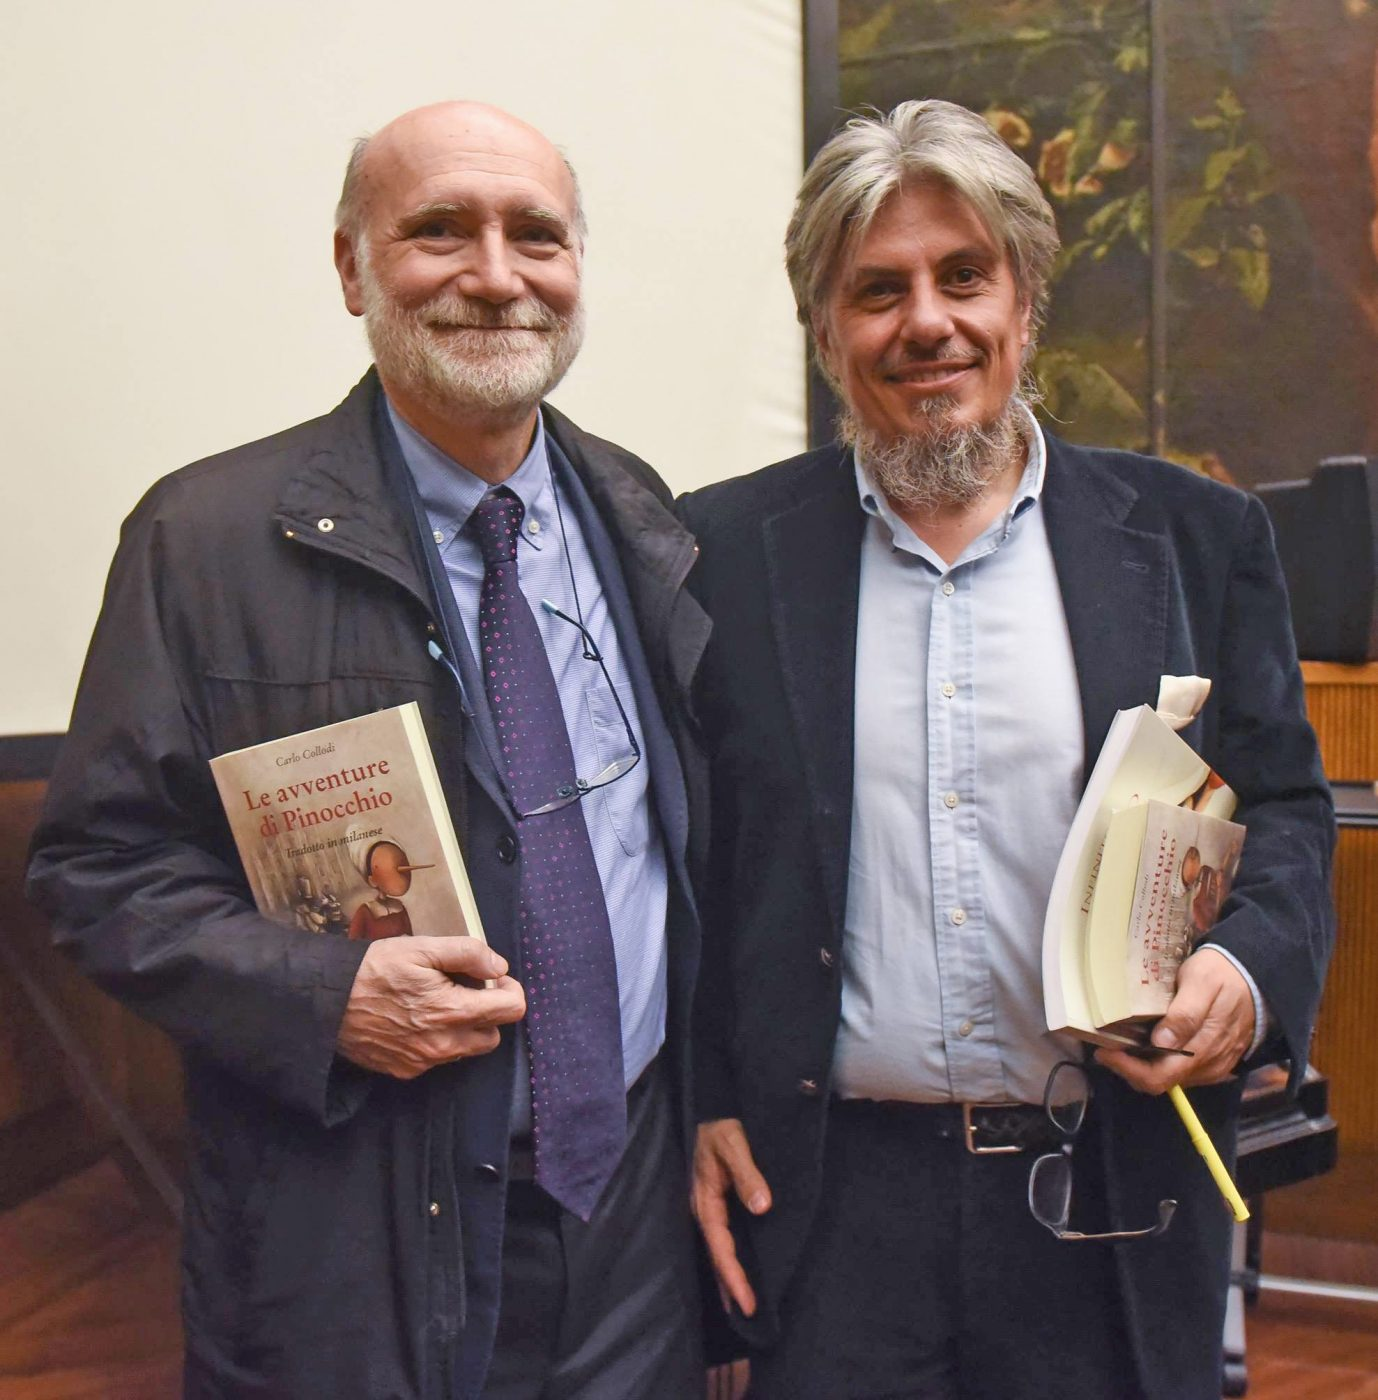 Da sinistra: Sergio Malavasi e Matteo Luteriani